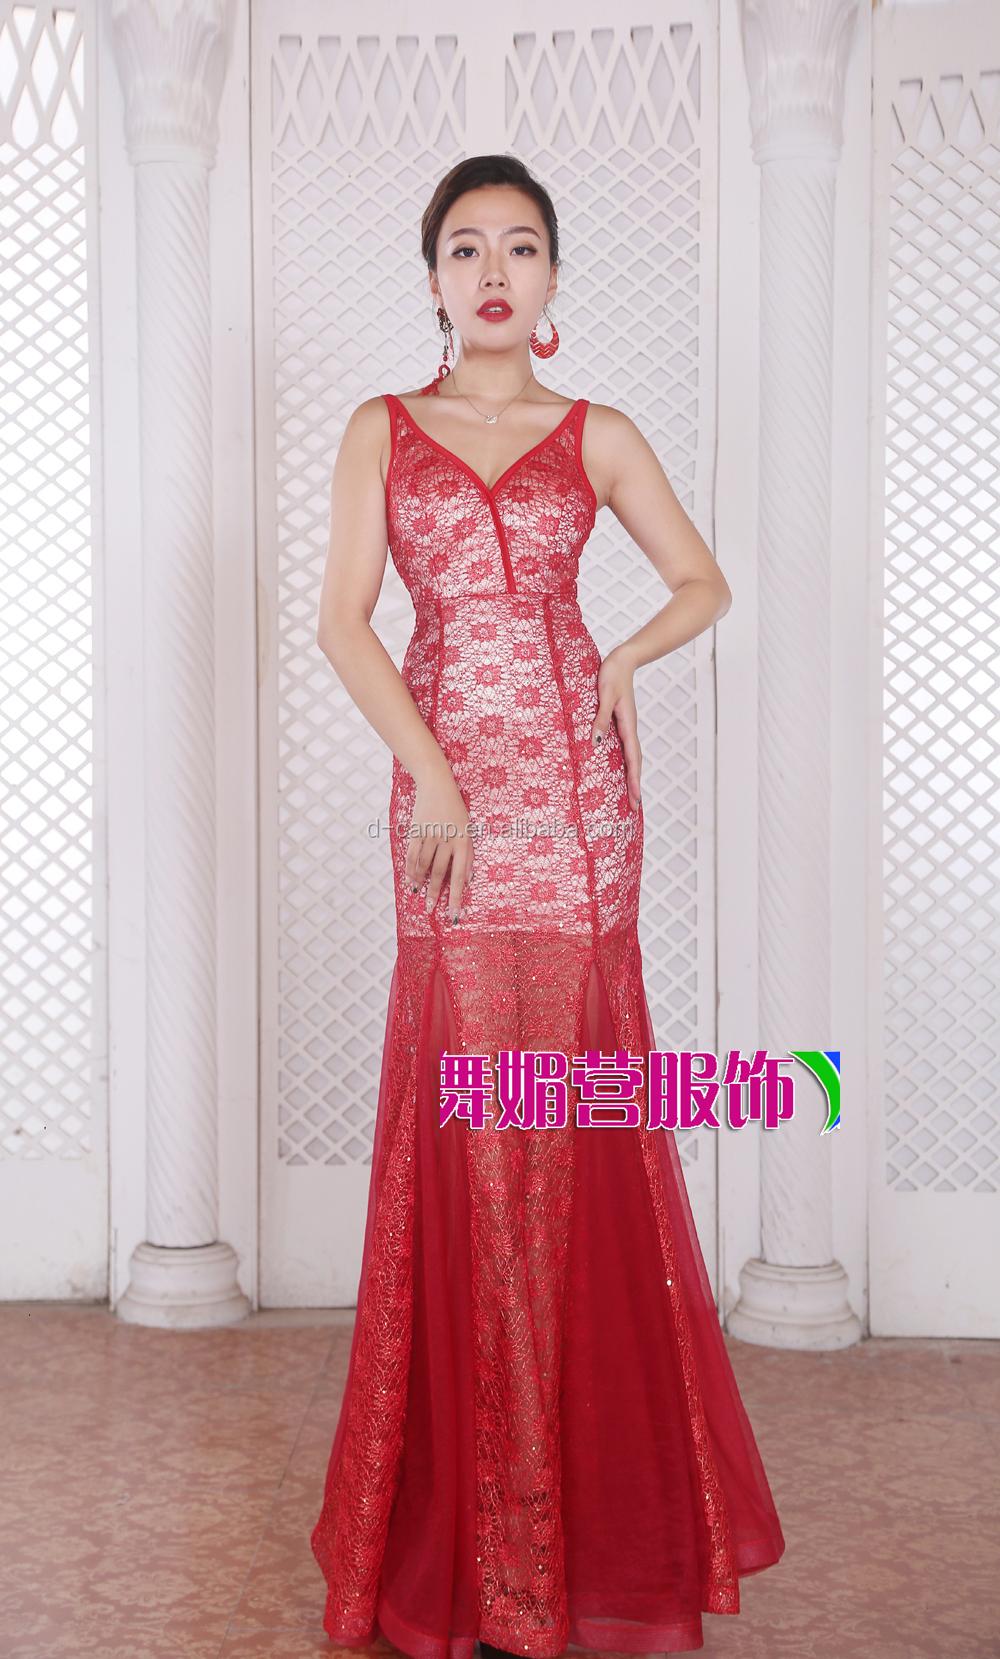 Xll170709 Suzhou Fábrica Barato Encaje Rojo Sirena Baile Vestidos ...